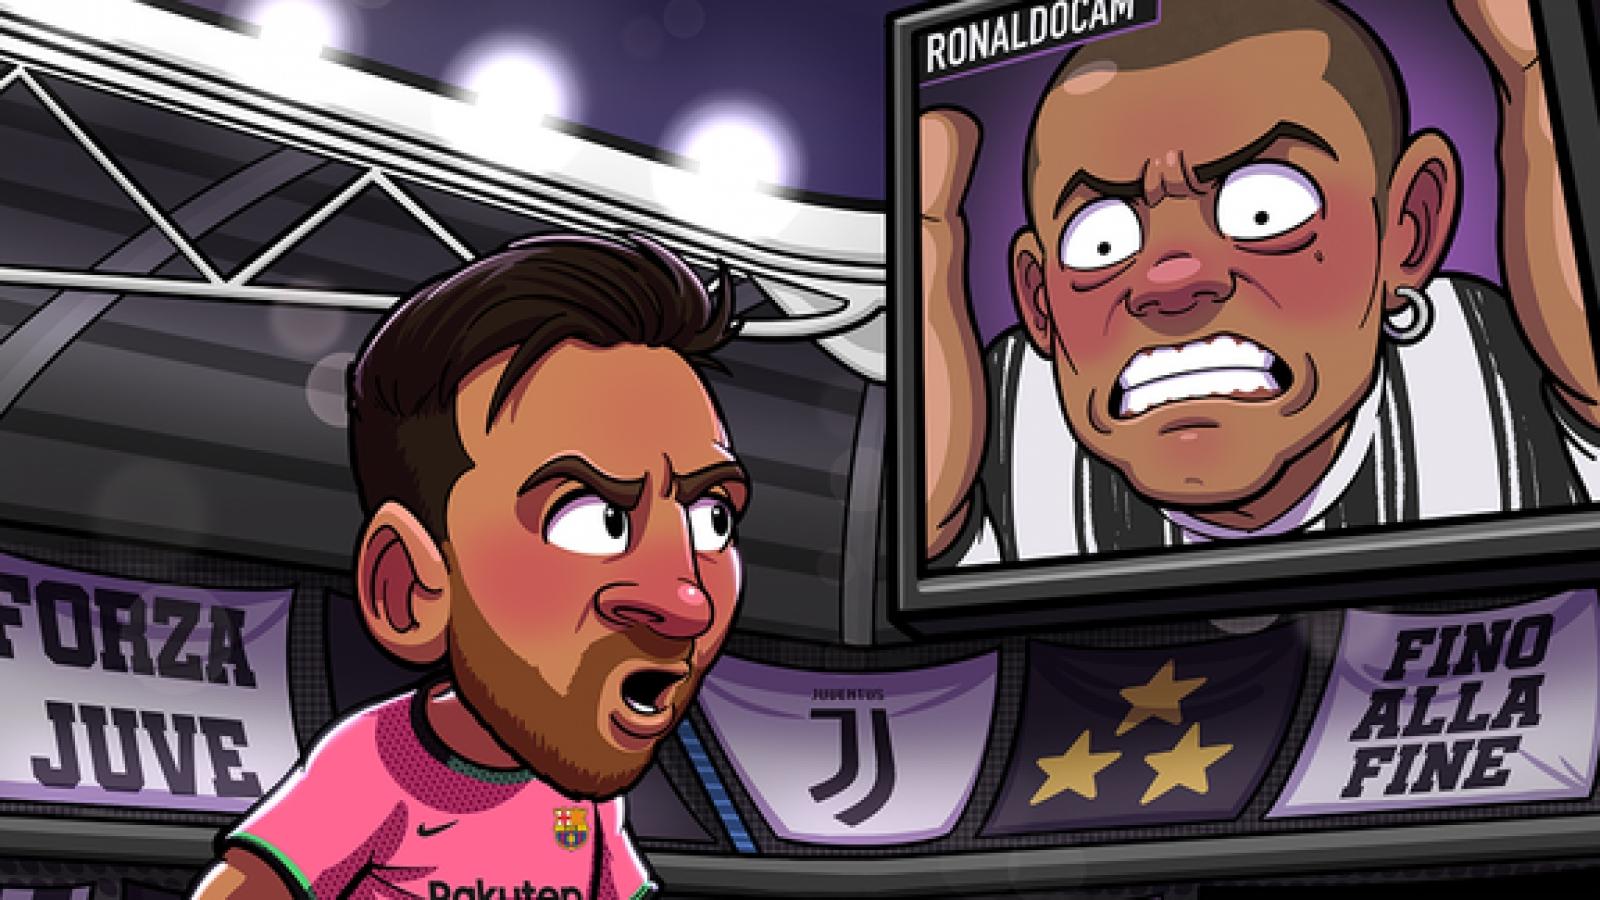 """Biếm họa 24h: Ronaldo cay đắng nhìn Messi """"bắn hạ"""" Juventus"""